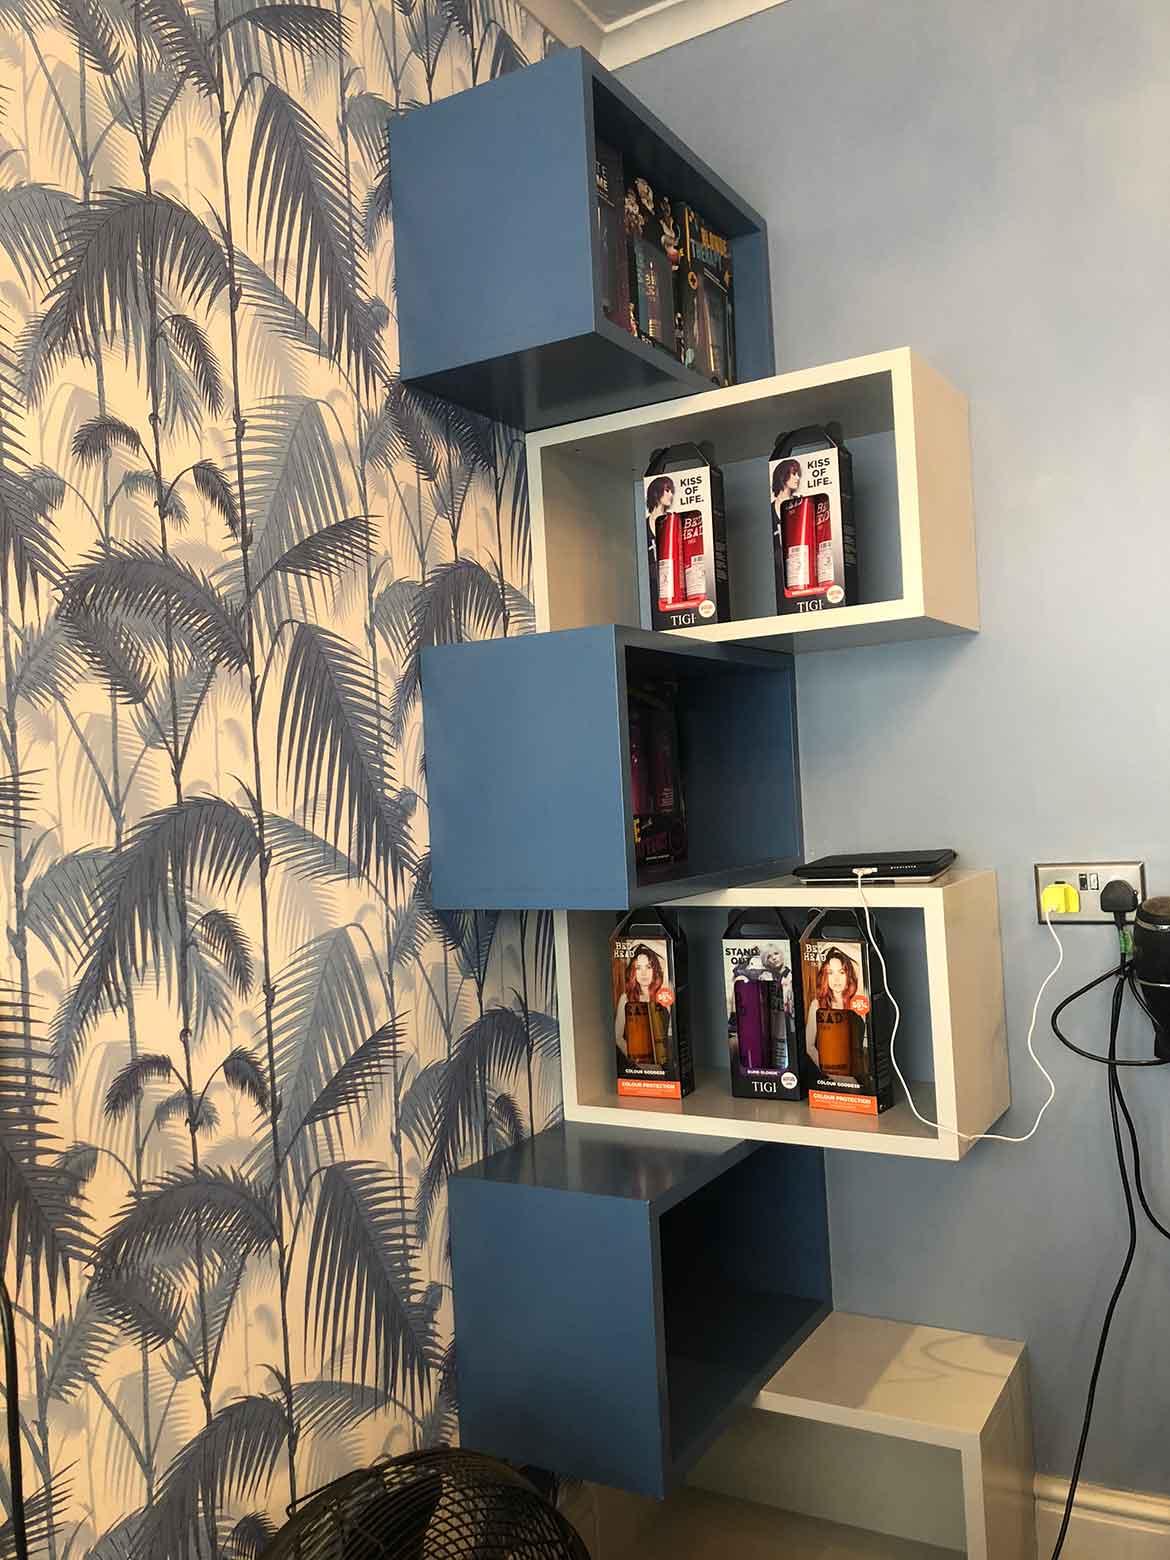 Salon Design by Swank Interiors in Norfolk